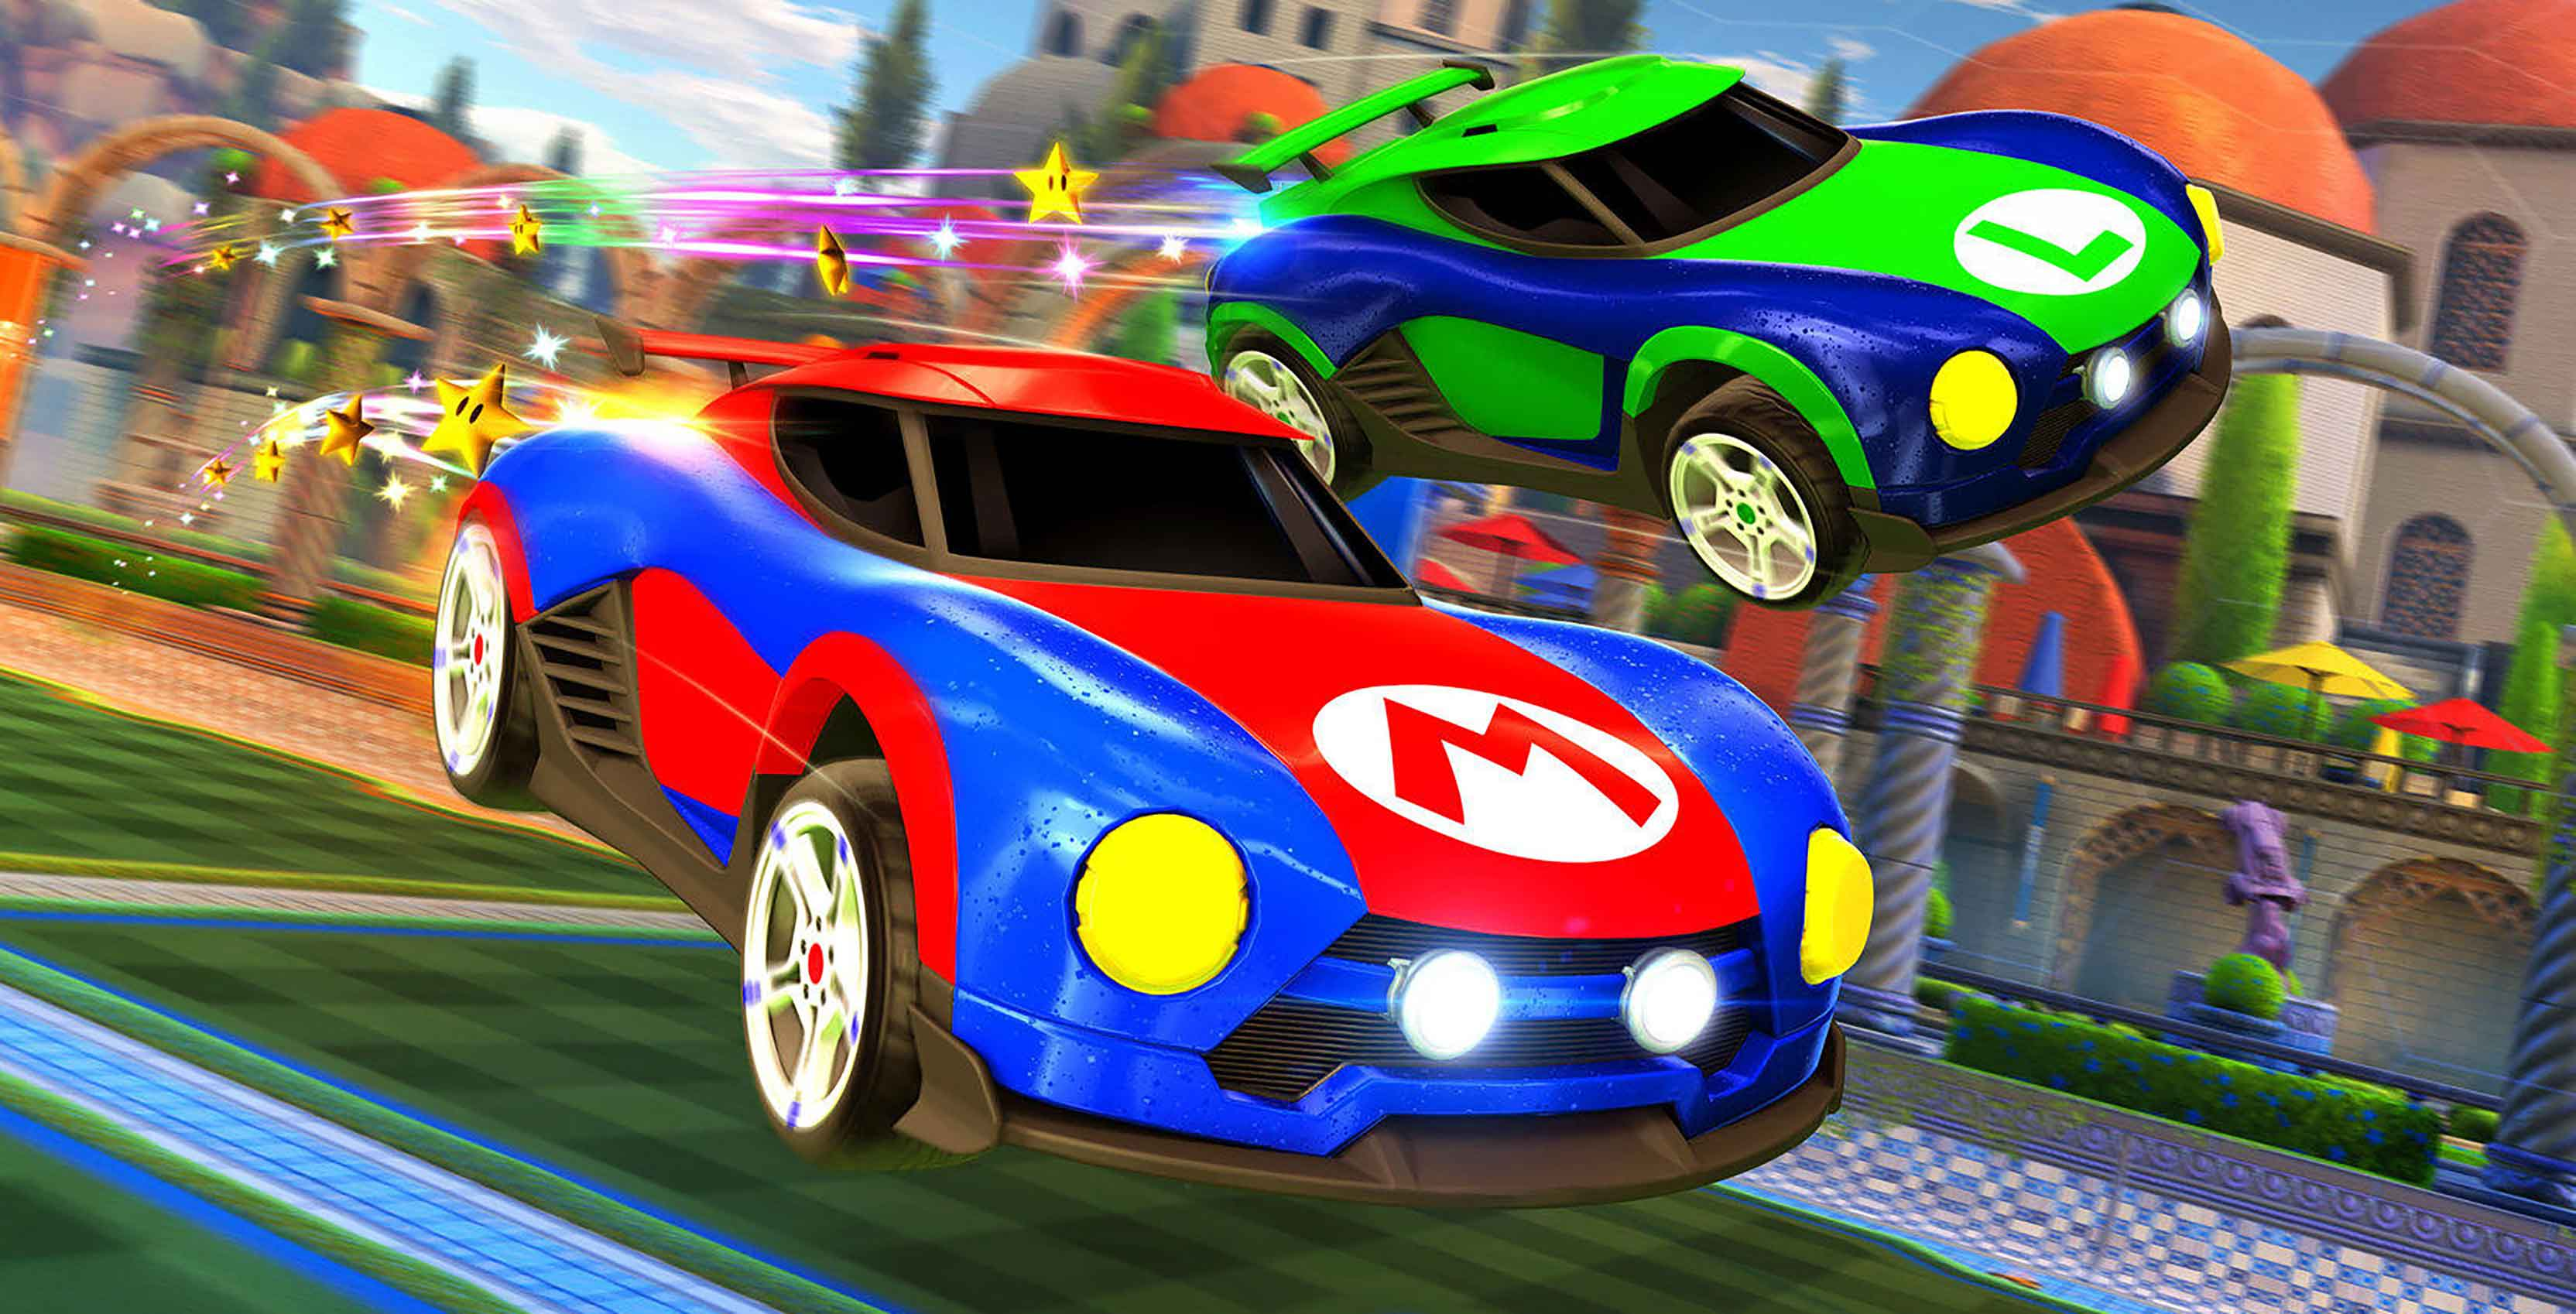 Rocket League Nintendo Switch